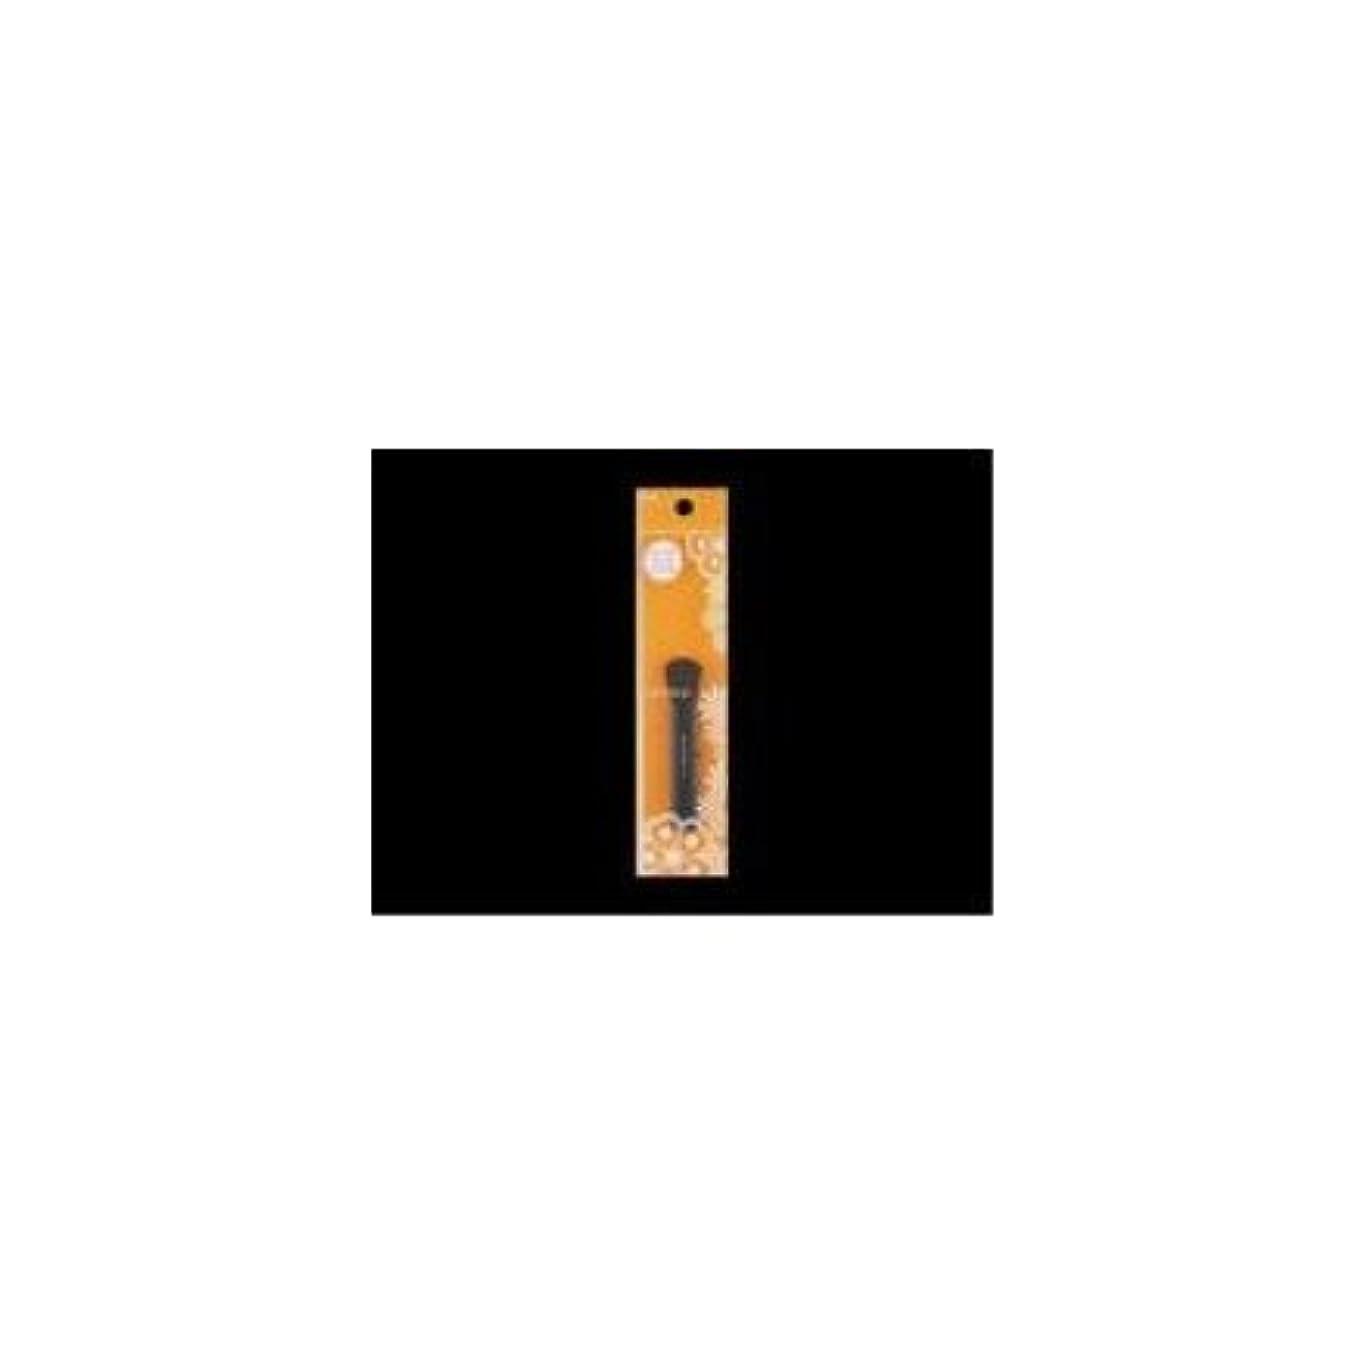 補充銛スマッシュコスメアップ 12 スライドチークブラシS